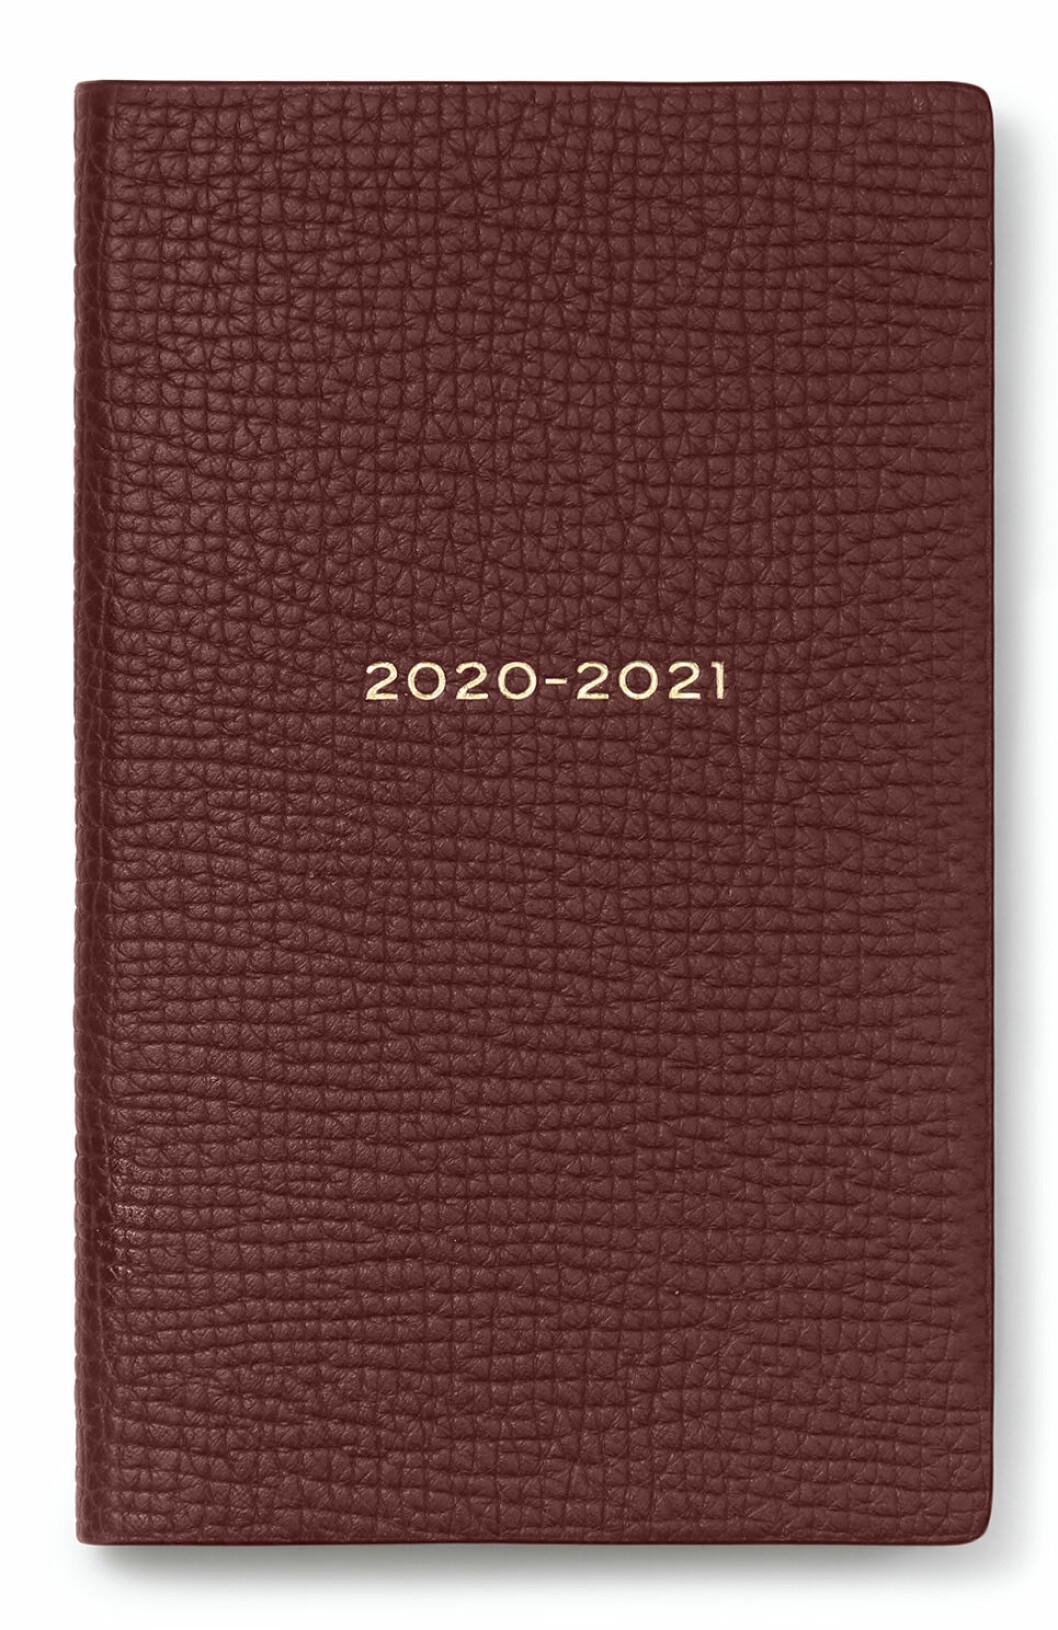 Denna chokladbruna kalender för 2020/2021 från Smythson gör oss peppade på jobb!